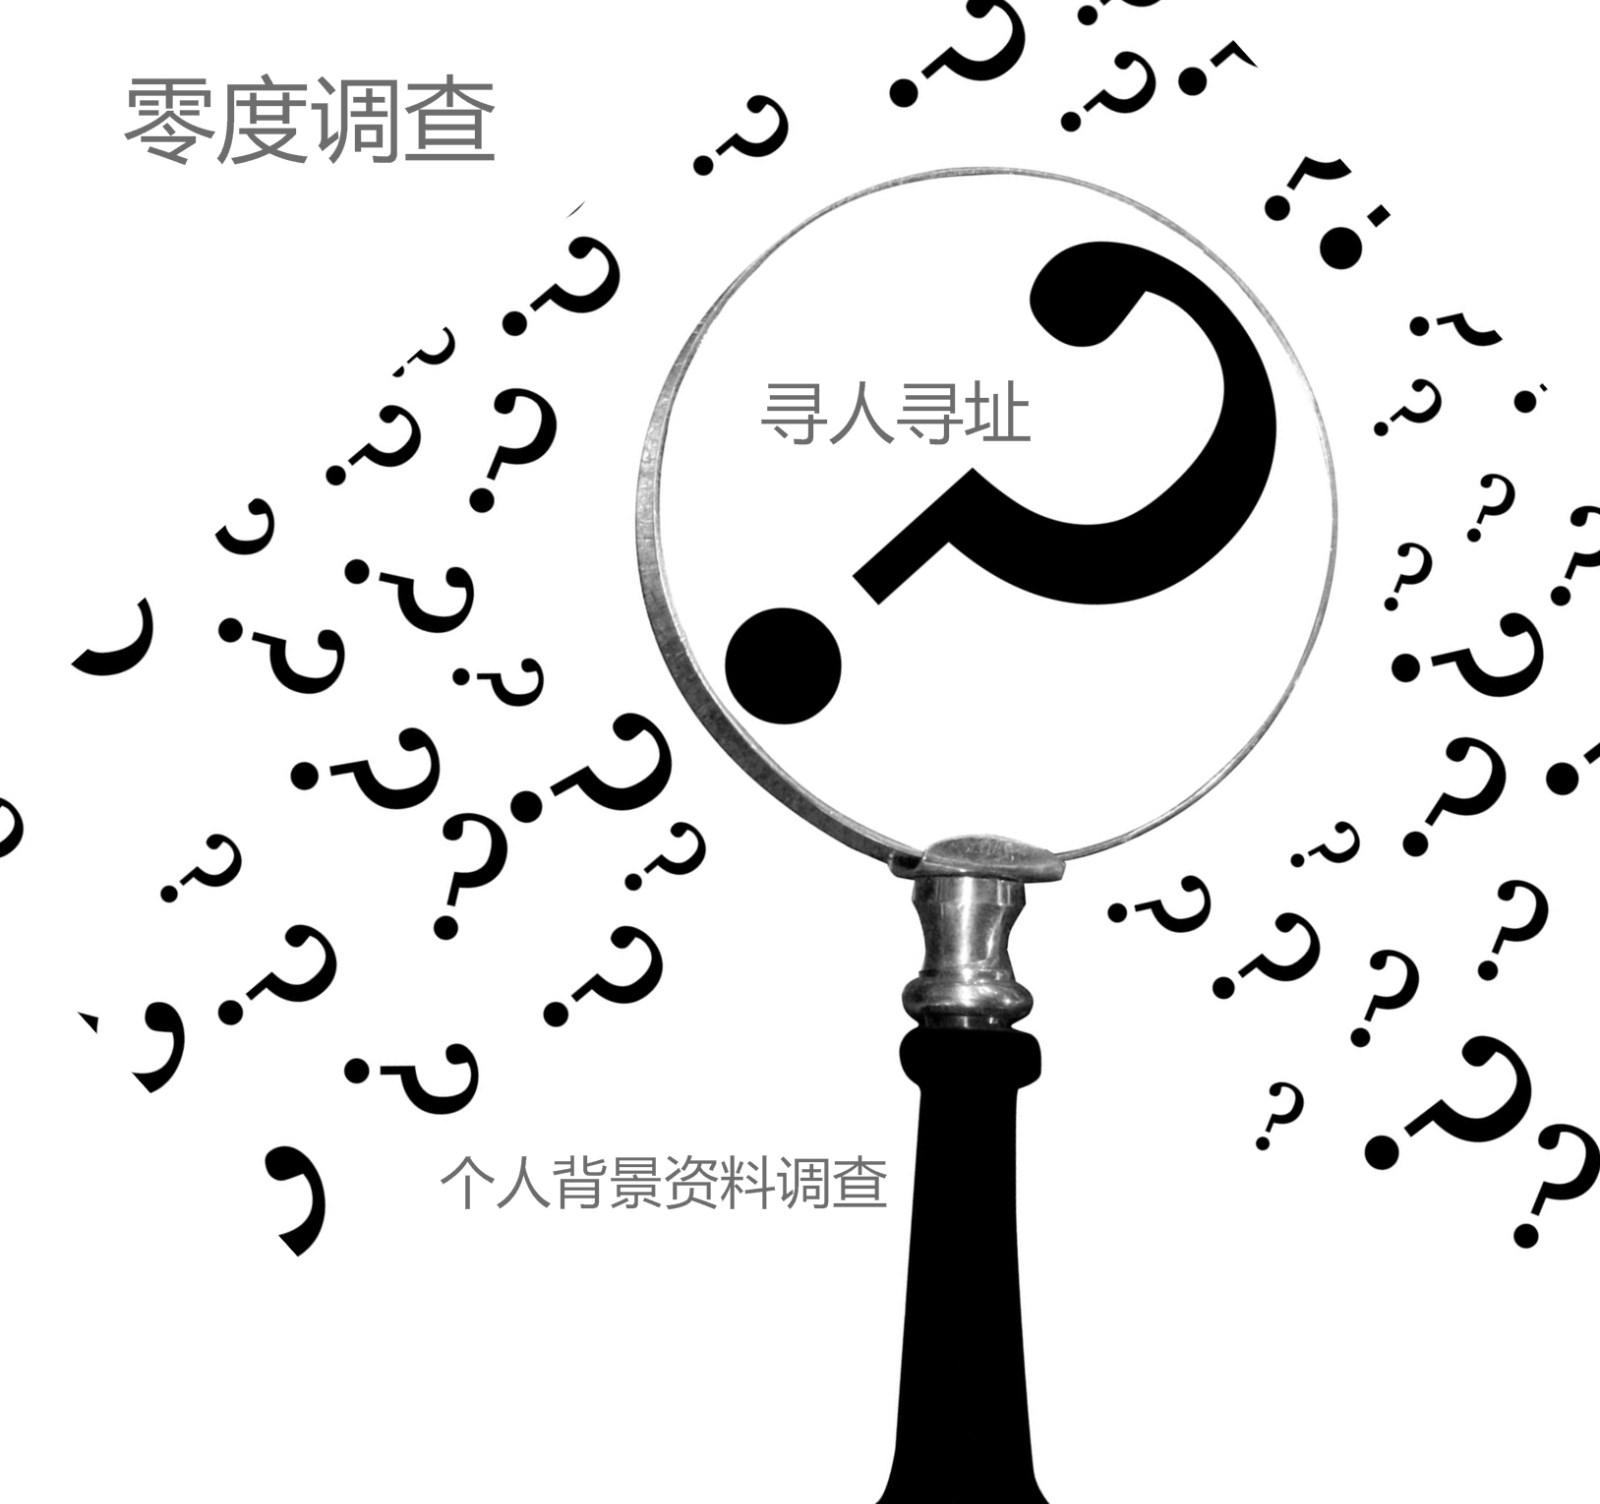 北京寻人寻址 公关信息调查多少钱 京津冀(北京)广告有限公司